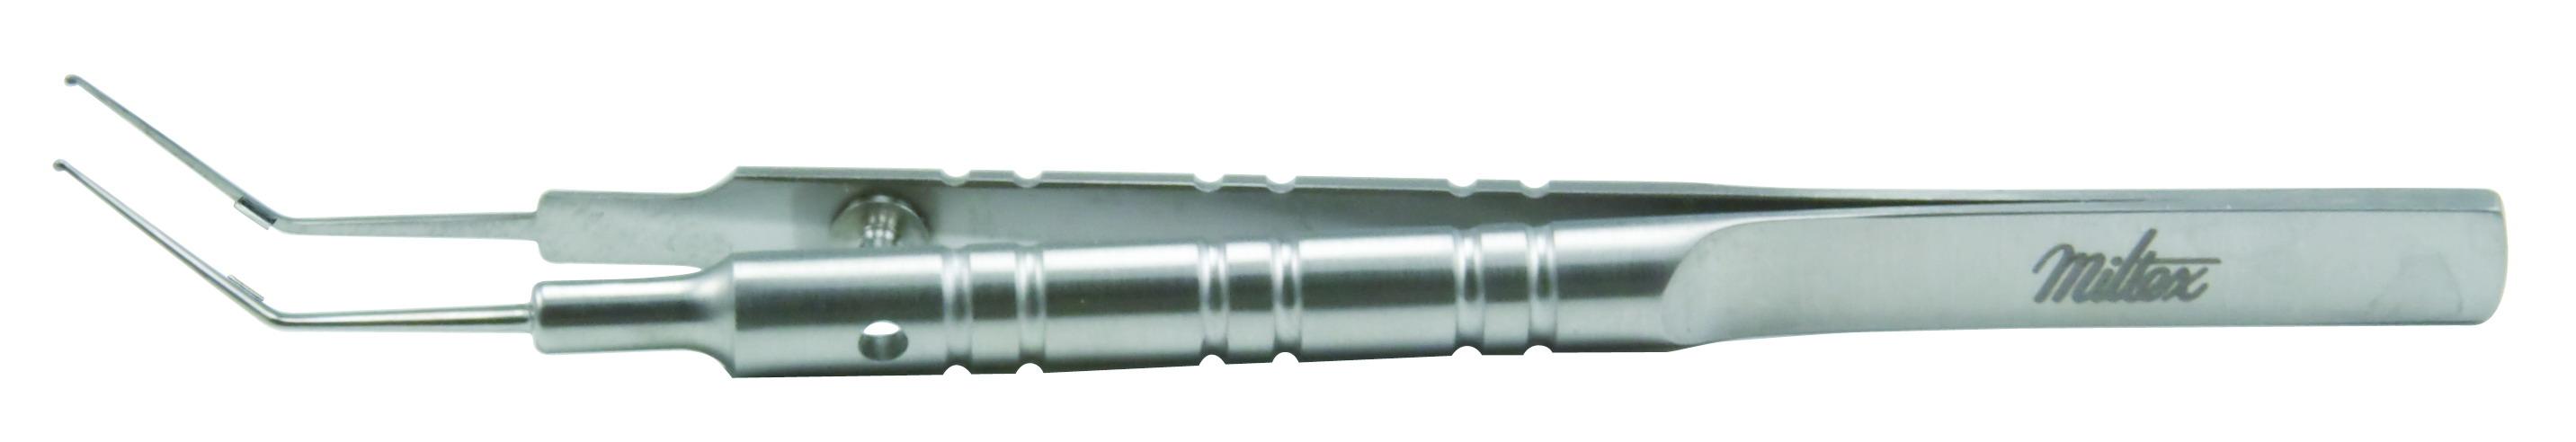 kellan-capsulorhexis-forceps-4-102-cm-18-1095-miltex.jpg